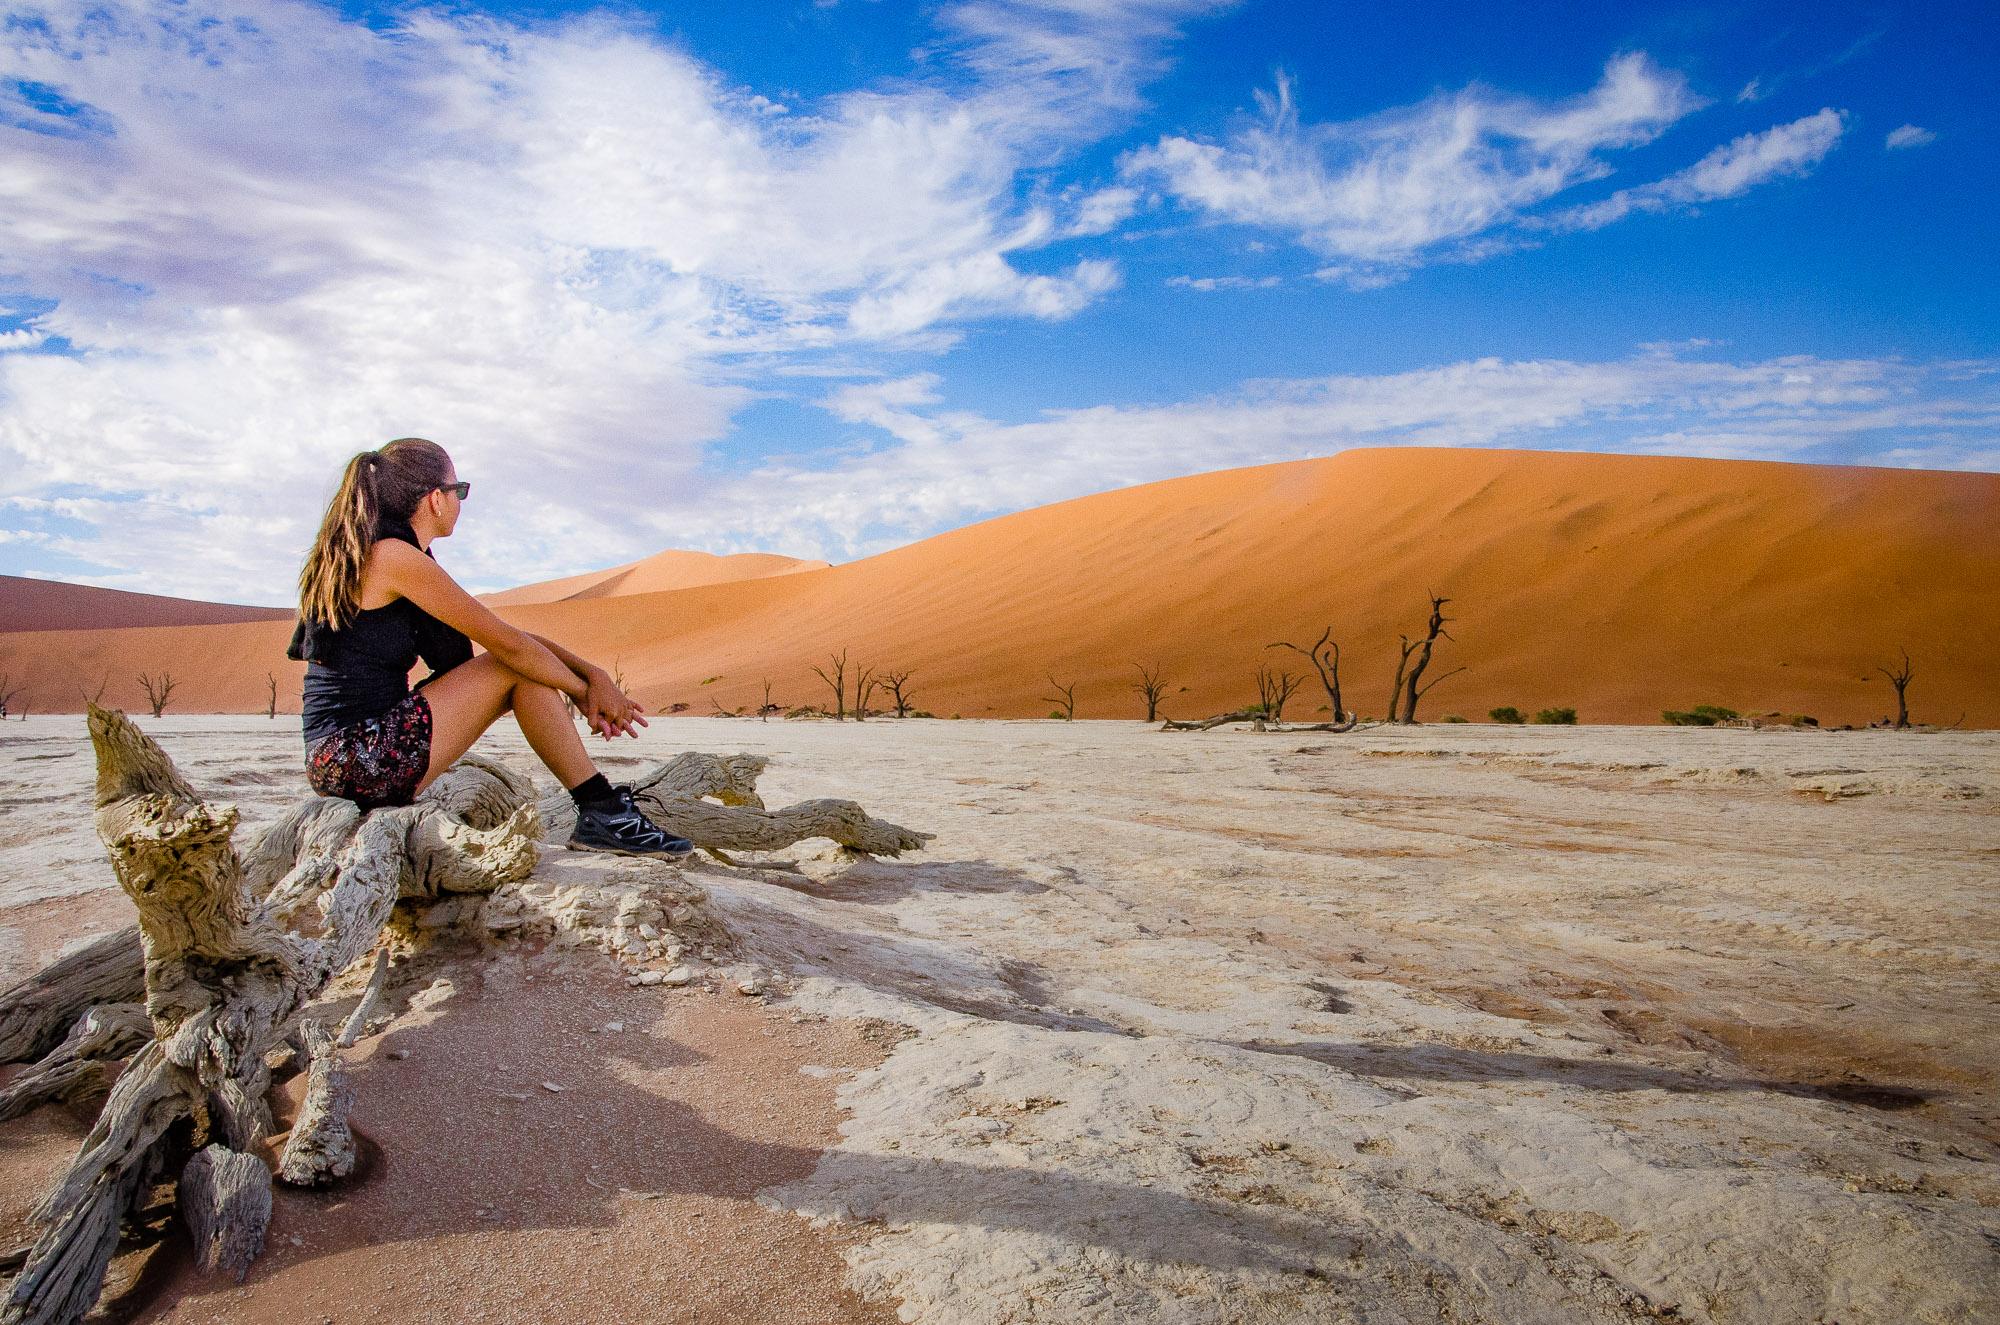 desert arbre petrifie - deadvlei - le desert du namibie - afrique, namibie